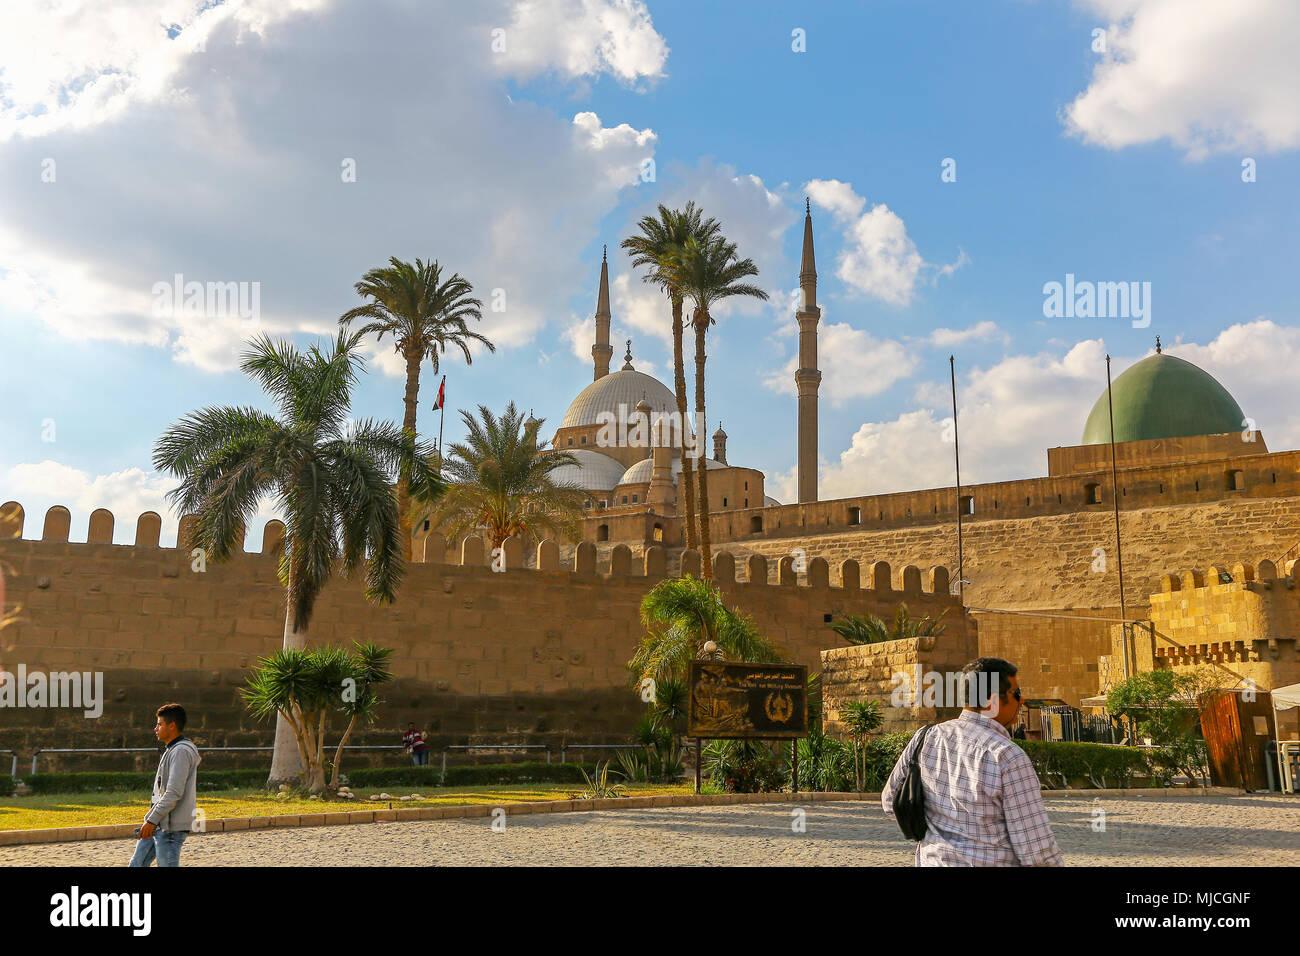 Il Saladino Cittadella del Cairo sulla collina di Moqattam vicino al centro della città medievale fortificata islamica del Cairo in Egitto, Africa Immagini Stock